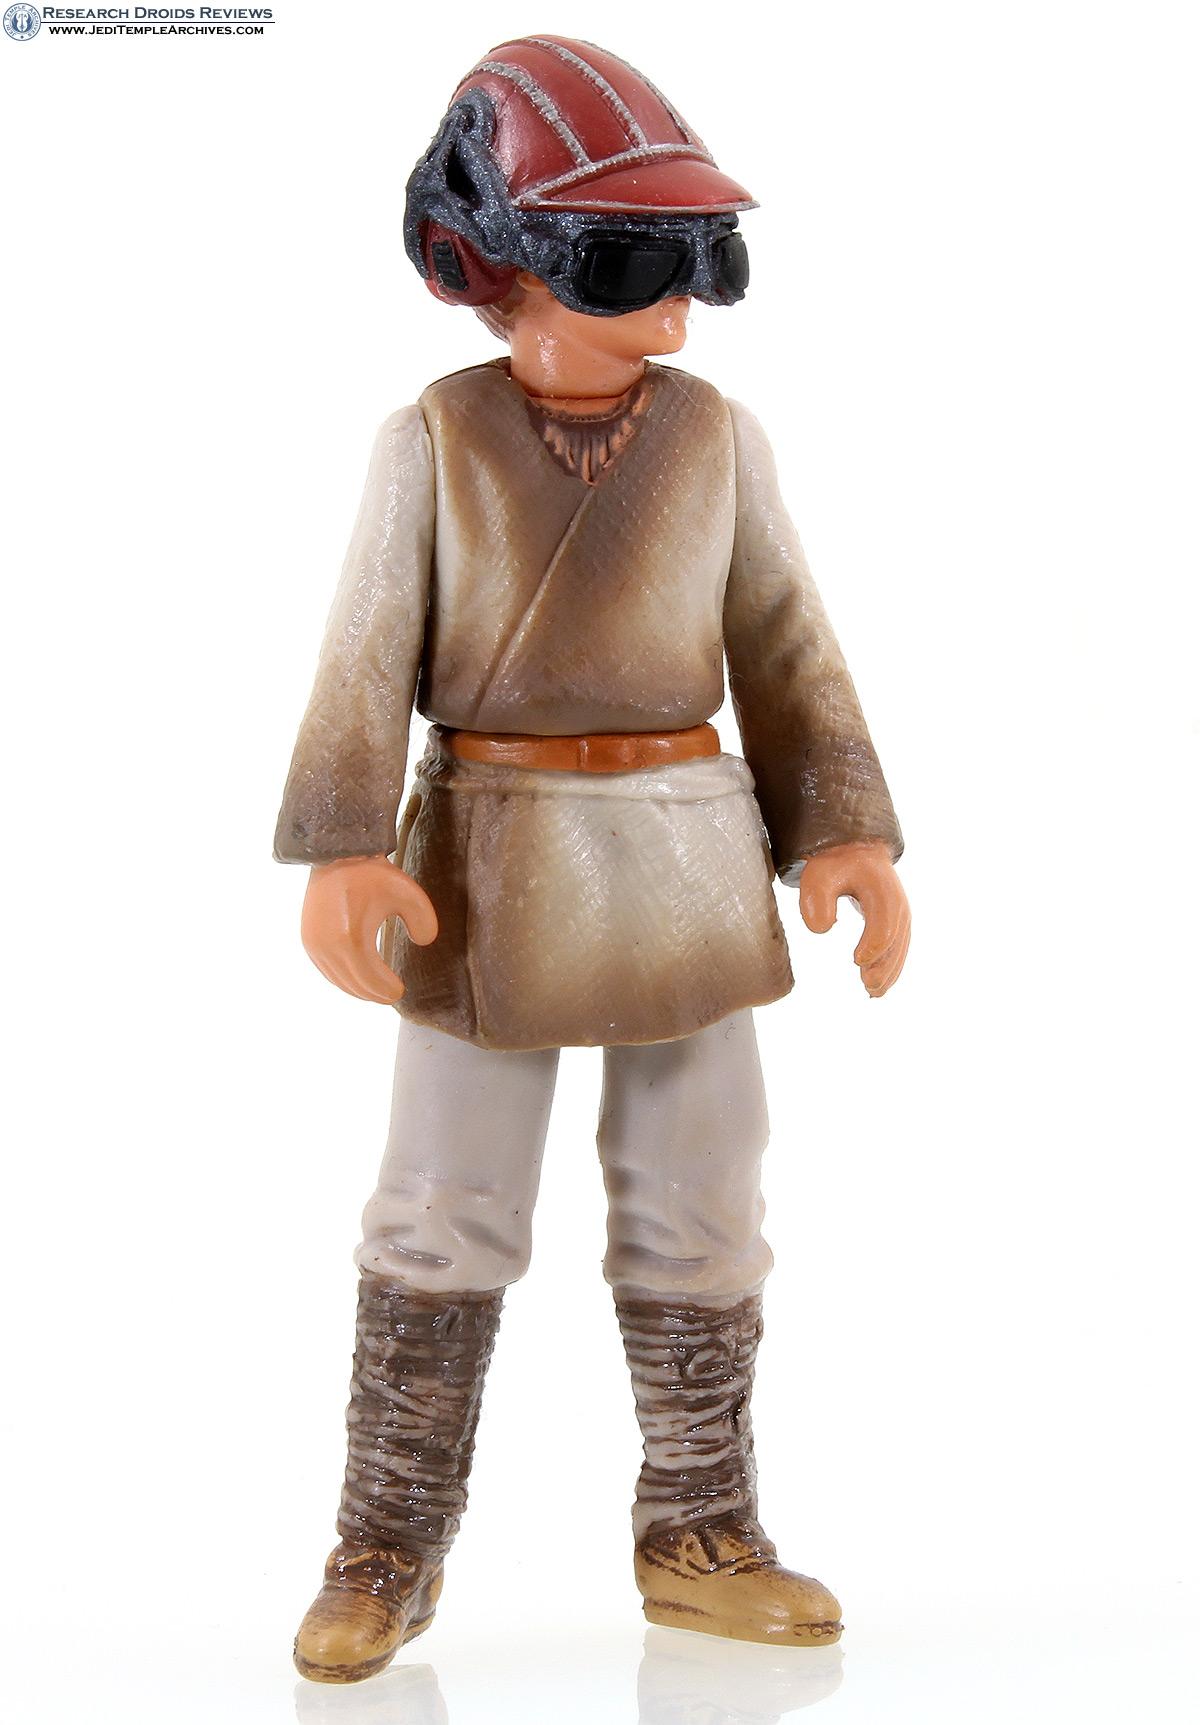 Anakin Skywalker (Naboo Pilot)